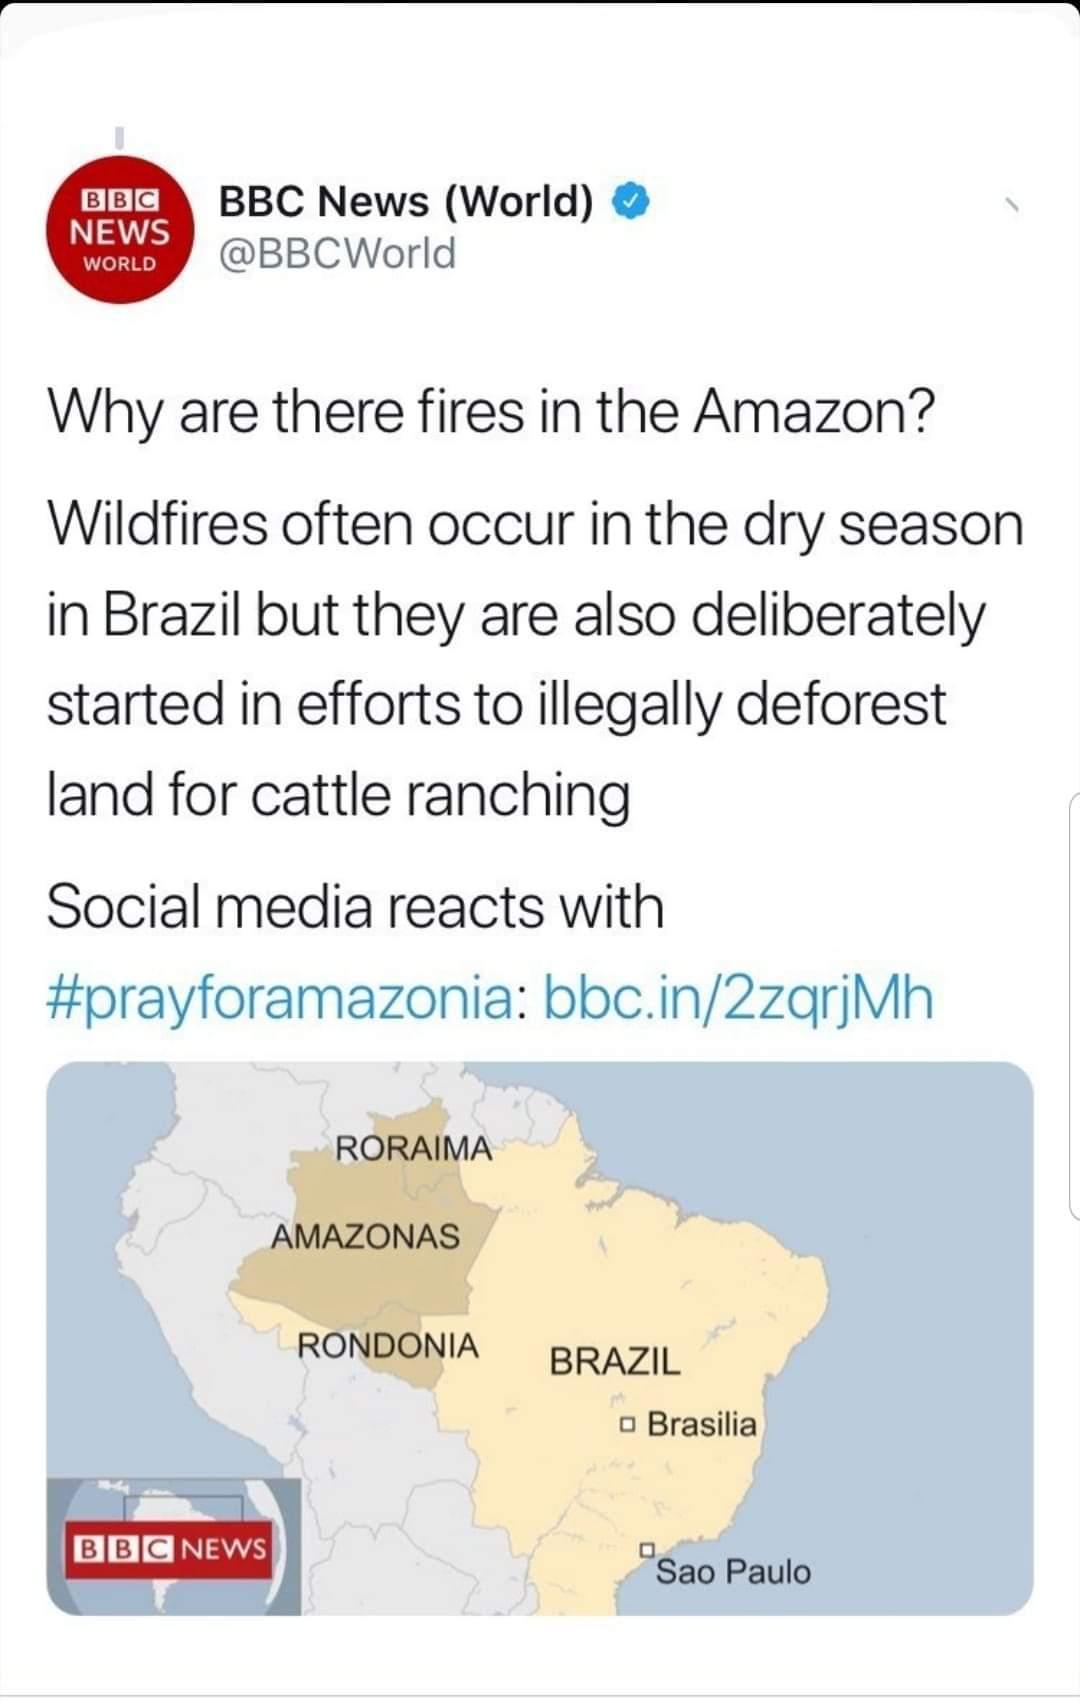 L'Amazonie par ci, Virunga par la... C'est mnt qu'il faut agir demain sera trop tard. Pétitions, mobilisations, actions. La nature nous a tout donné, ns ne faisons que la gaspillé, la maltraité bien souvent au peril mm de nos propres vies pr des interets capitalistes, par des ventriloques égocentriques tjrs plus avides; pseudos investissements qui ne restent pas sans conséquences sur nos vies à tous! Ces gens parlent de Droits de l'Homme ms tuent sciemment, créent des maladies mortelles qui réduisent drastiquement l'espérance de vie alors que nous sommes supposés être dans des pays hypra développés, ils polluent notre environnement, ces gens ne représentent mm pas le quart de la population mais définissent indirectement nos morts pendant qu'eux s'offrent le luxe de s'épargner tout ca dans leur coin de paradis apres avoir tout détruit sur leur passage. Protégeons notre environment, protégeons nos terres, protégeons nous...  N'attendons pas demain!